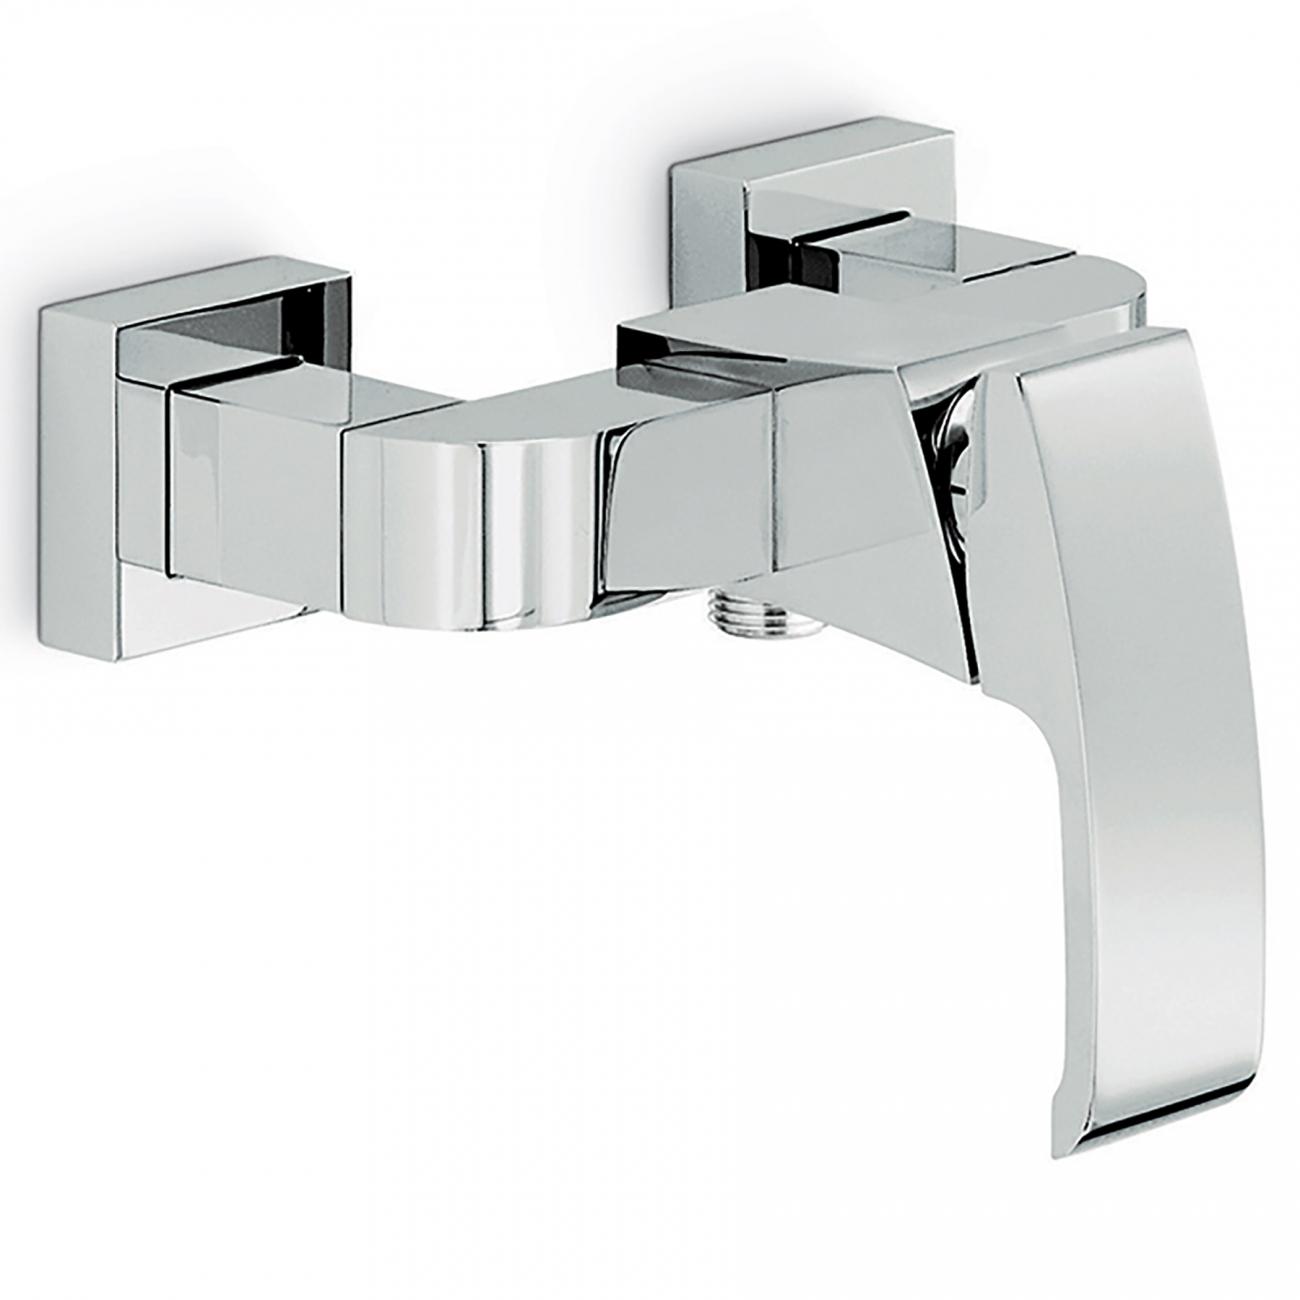 Newform X-Sense miscelatore doccia